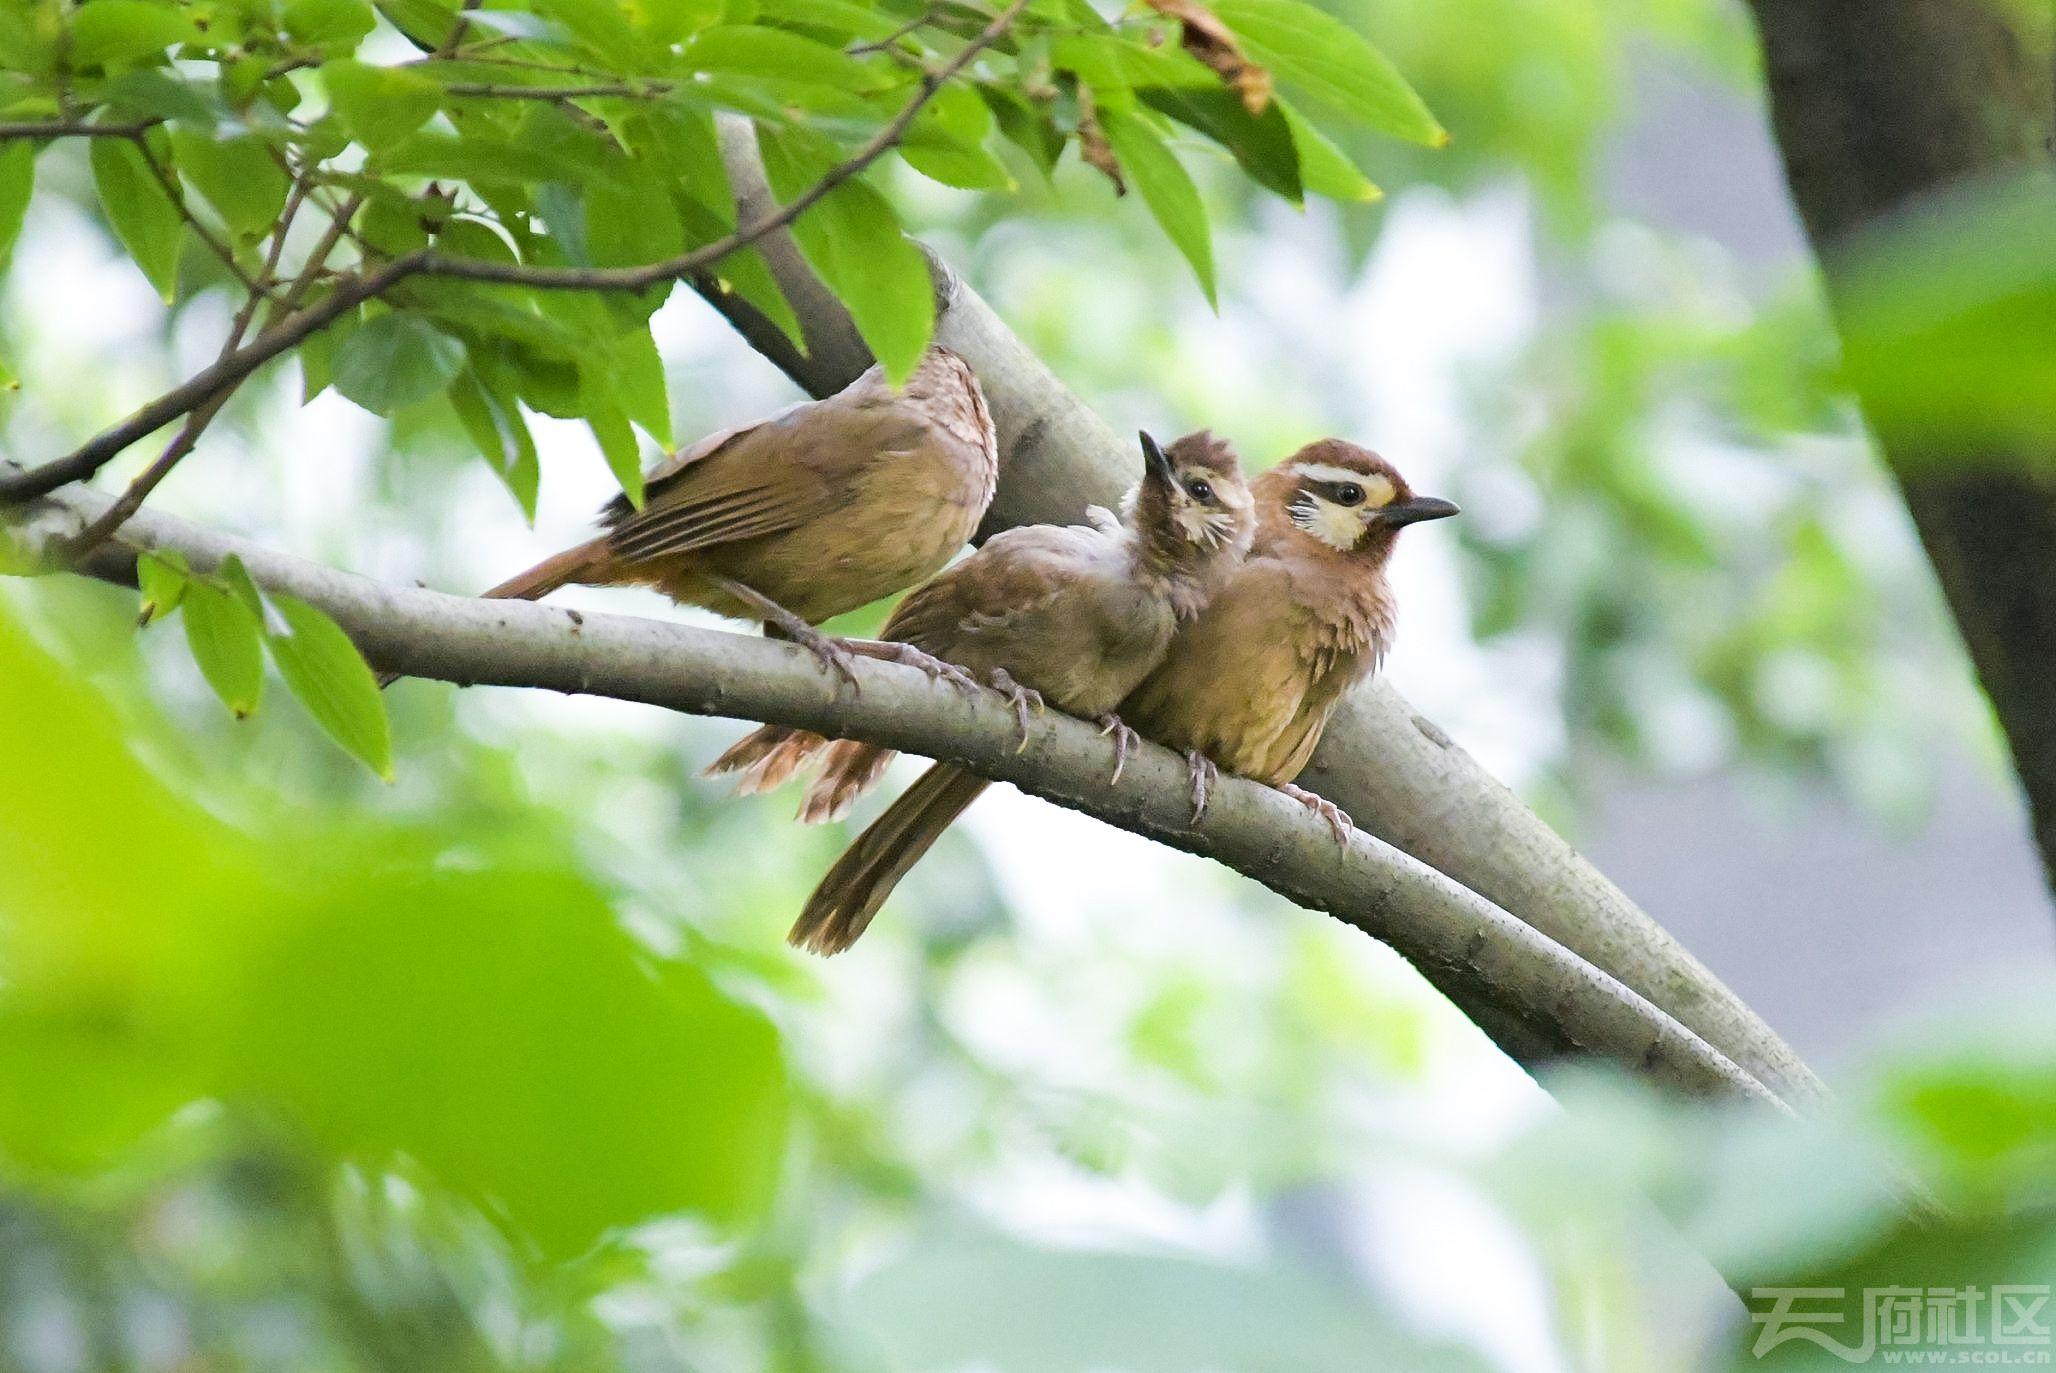 【鸟趣】土画眉鸟一家